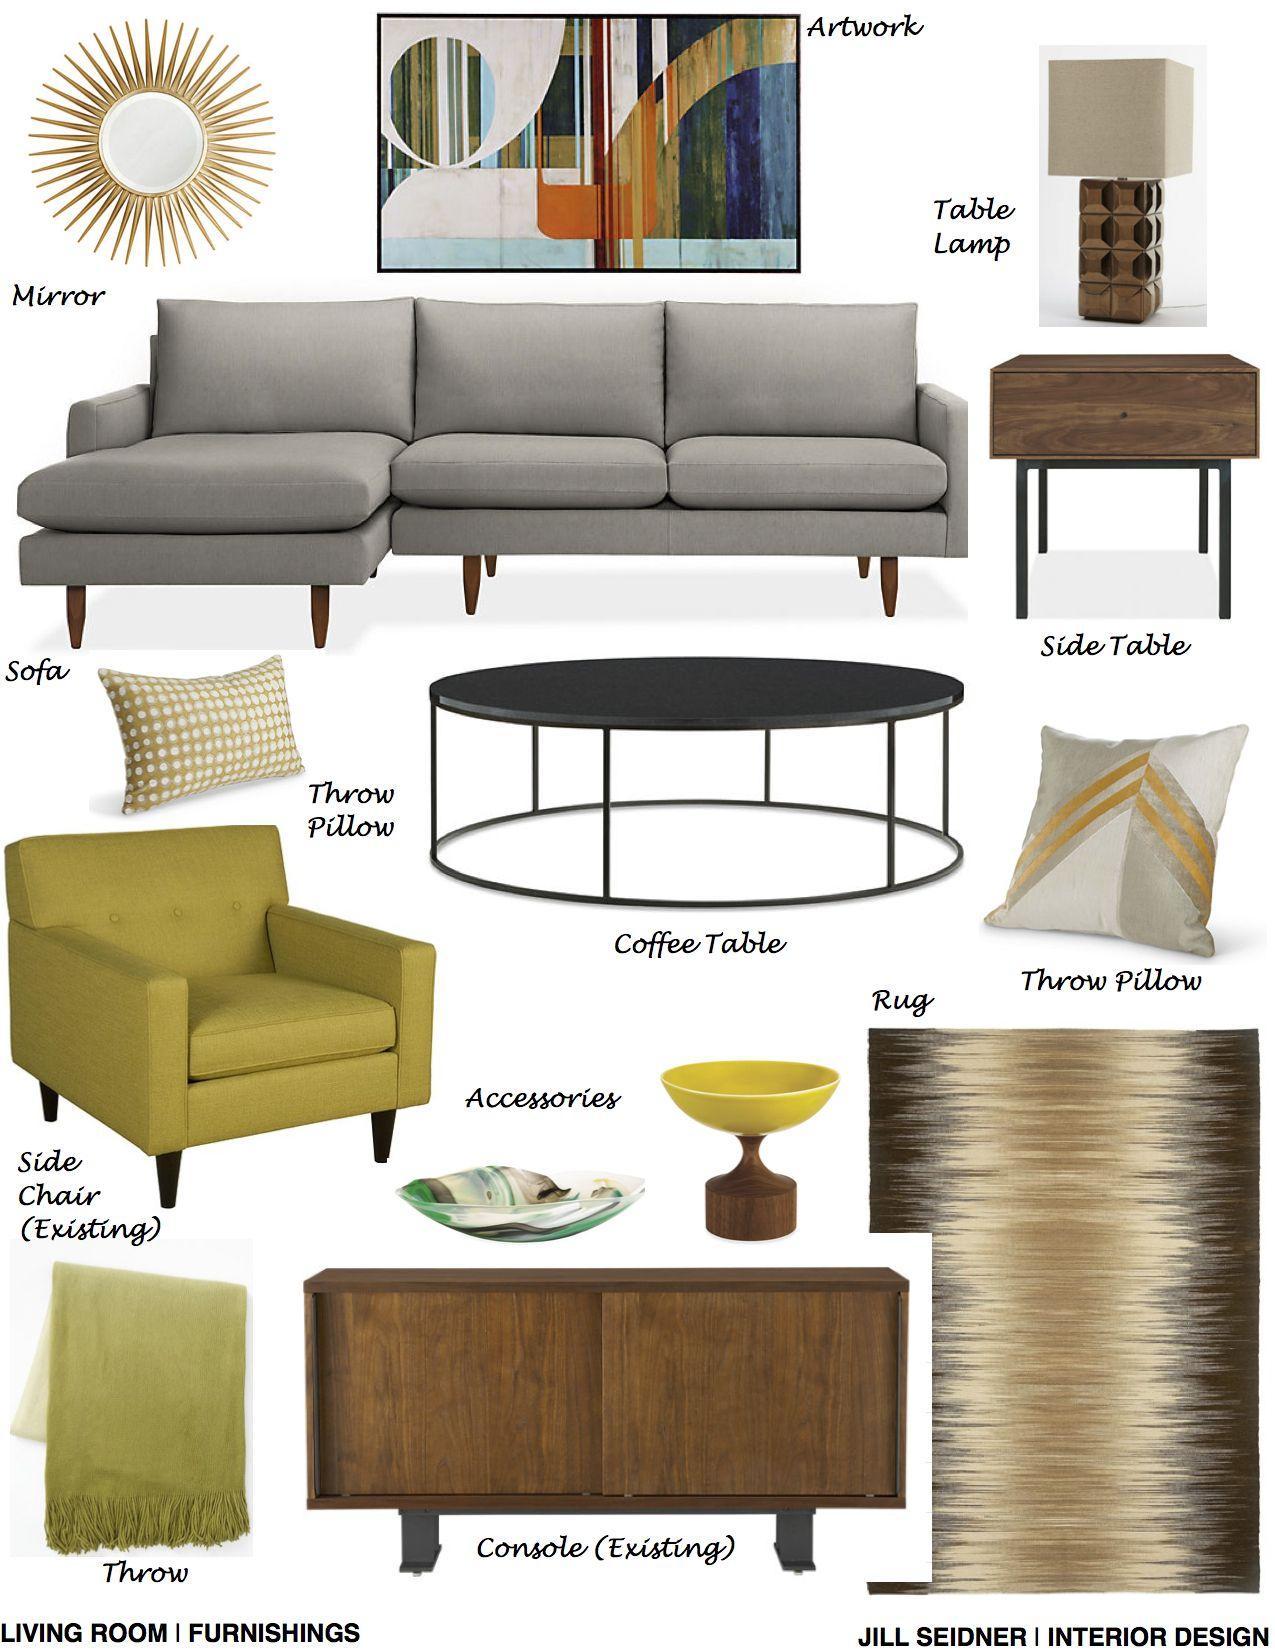 Online Design With Images Interior Design Interior Design